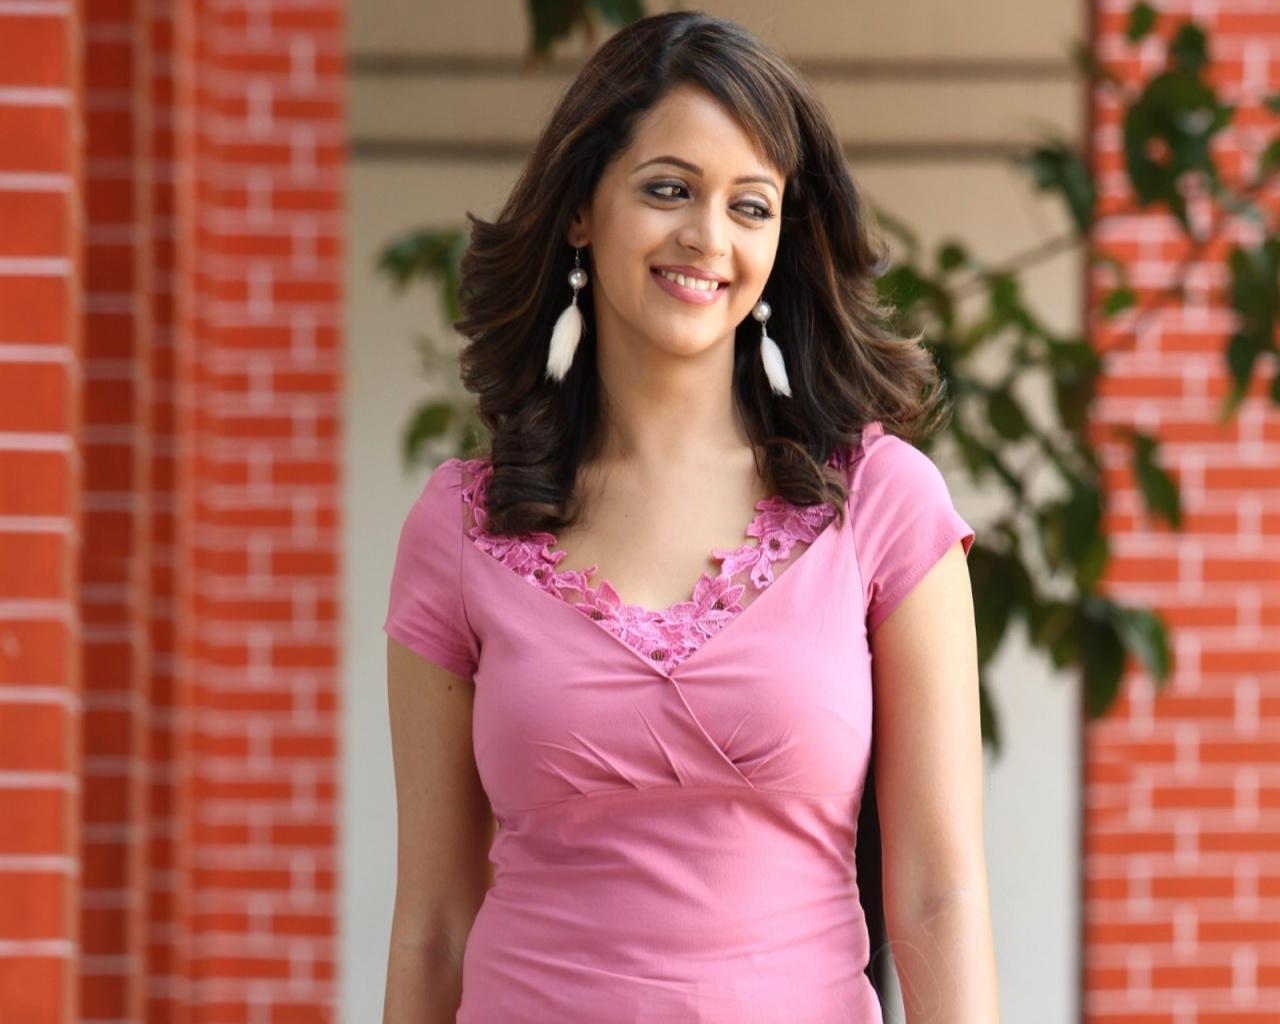 Tamil actress hd wallpapers 2013 wallpapersafari - Tamil heroines hd wallpapers ...